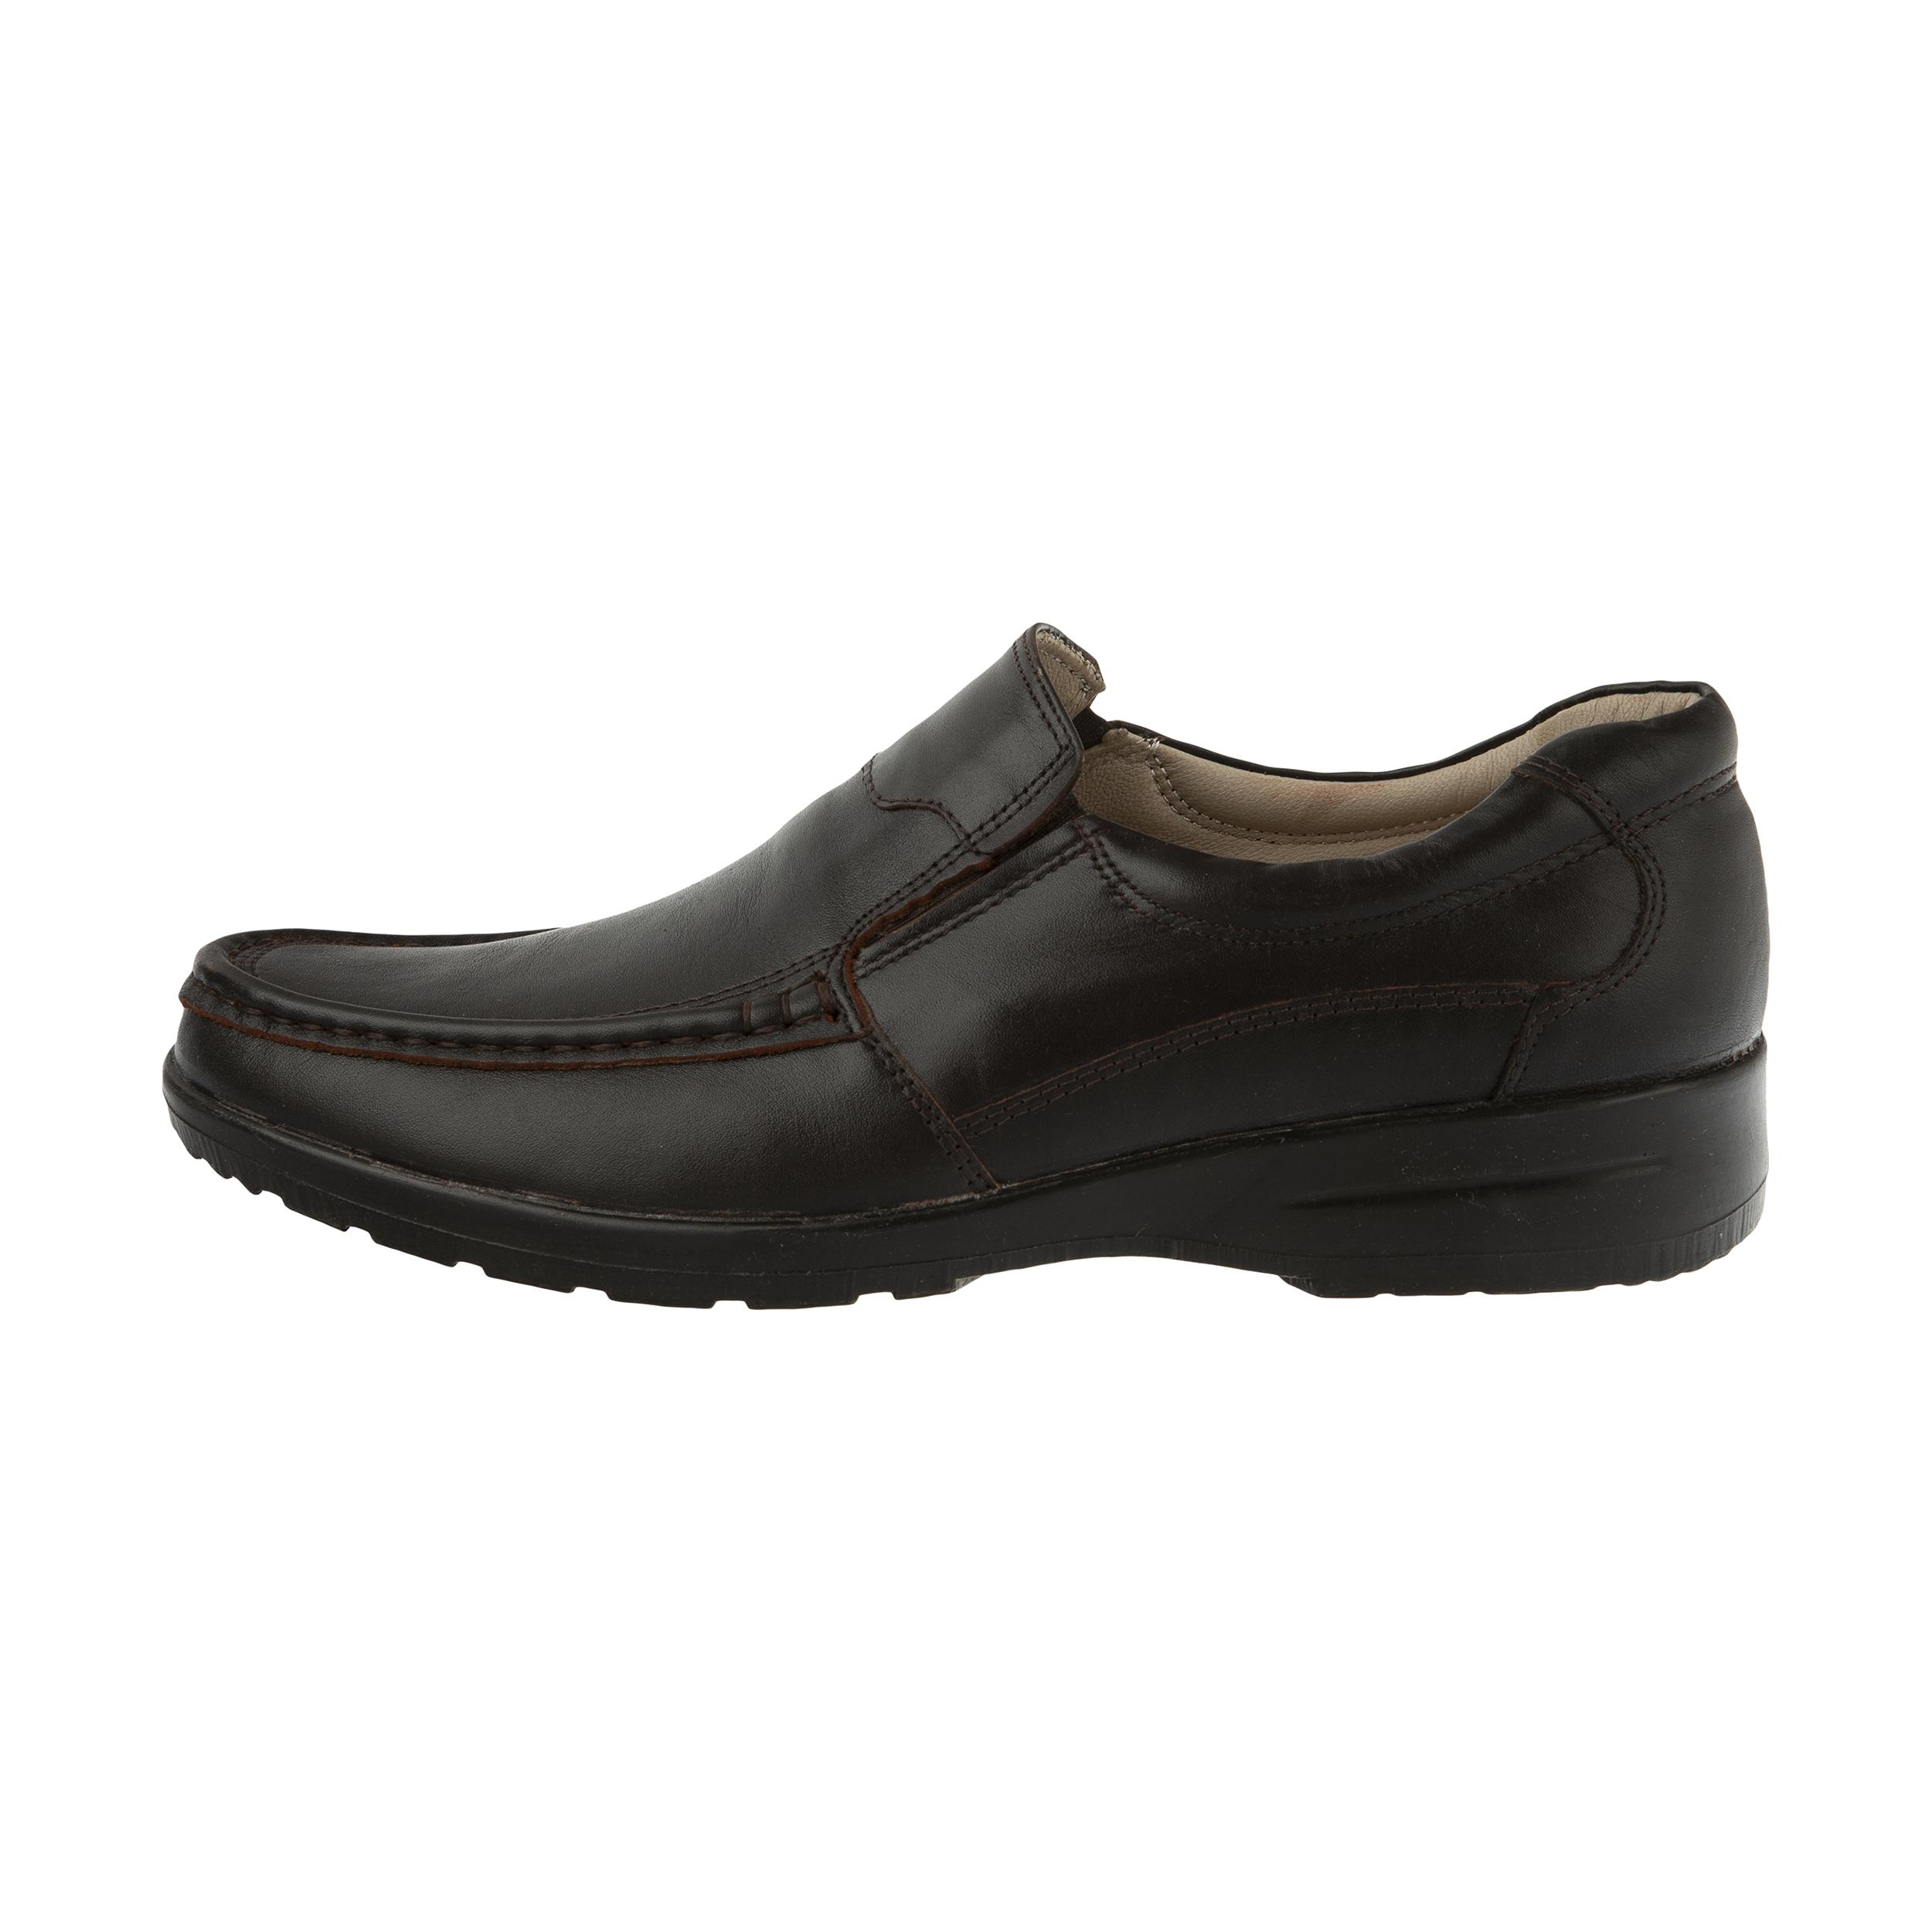 کفش روزمره مردانه دلفارد مدل 7m01b503104